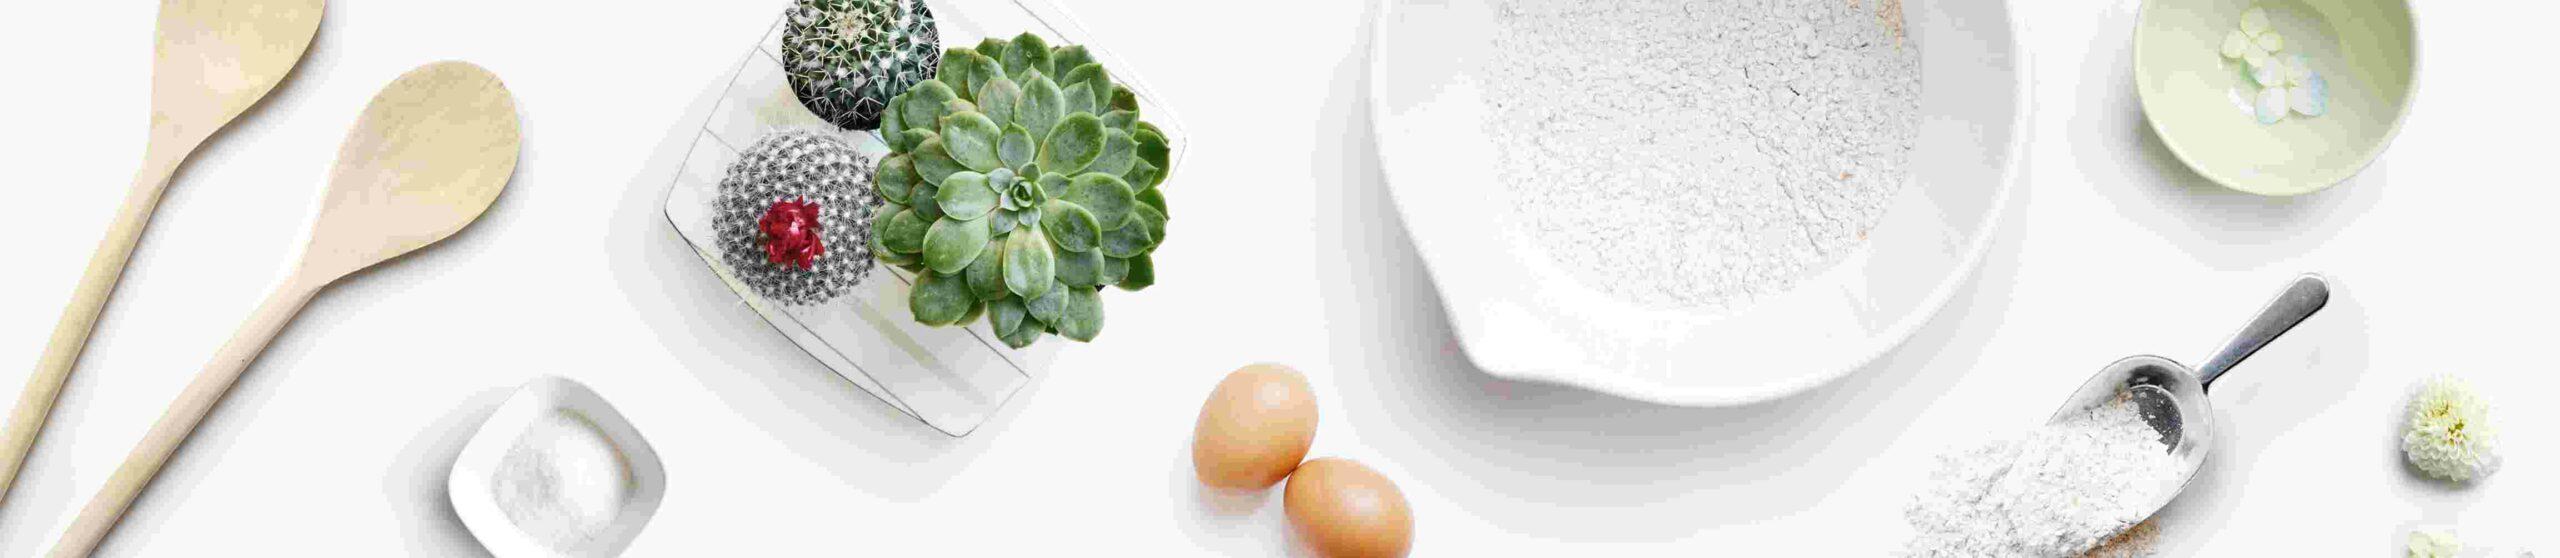 Foodblog aus Lindau